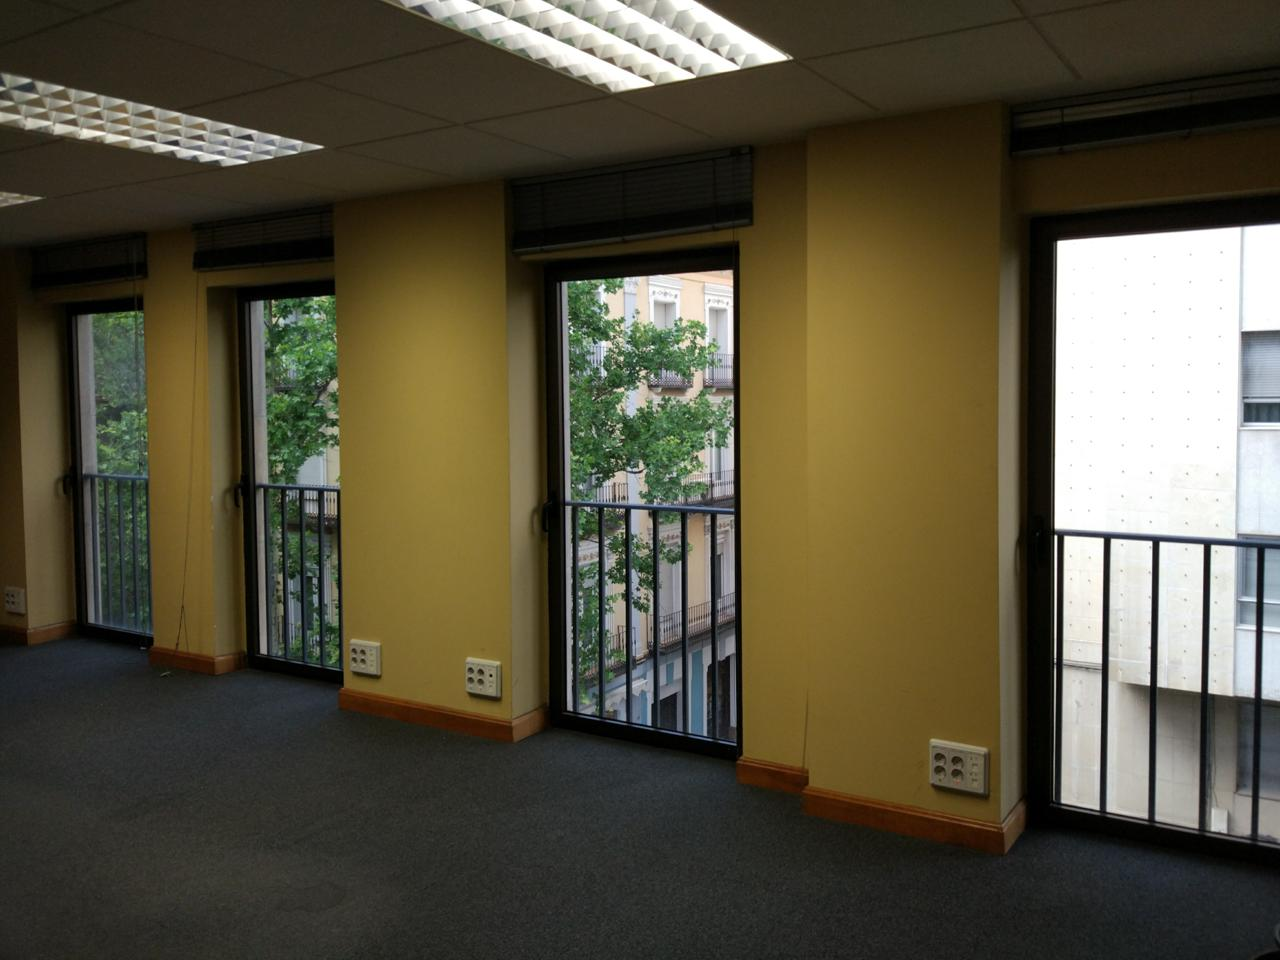 Alquiler de oficinas centro zaragoza plaza aragon publipisos for Oficina alquiler zaragoza